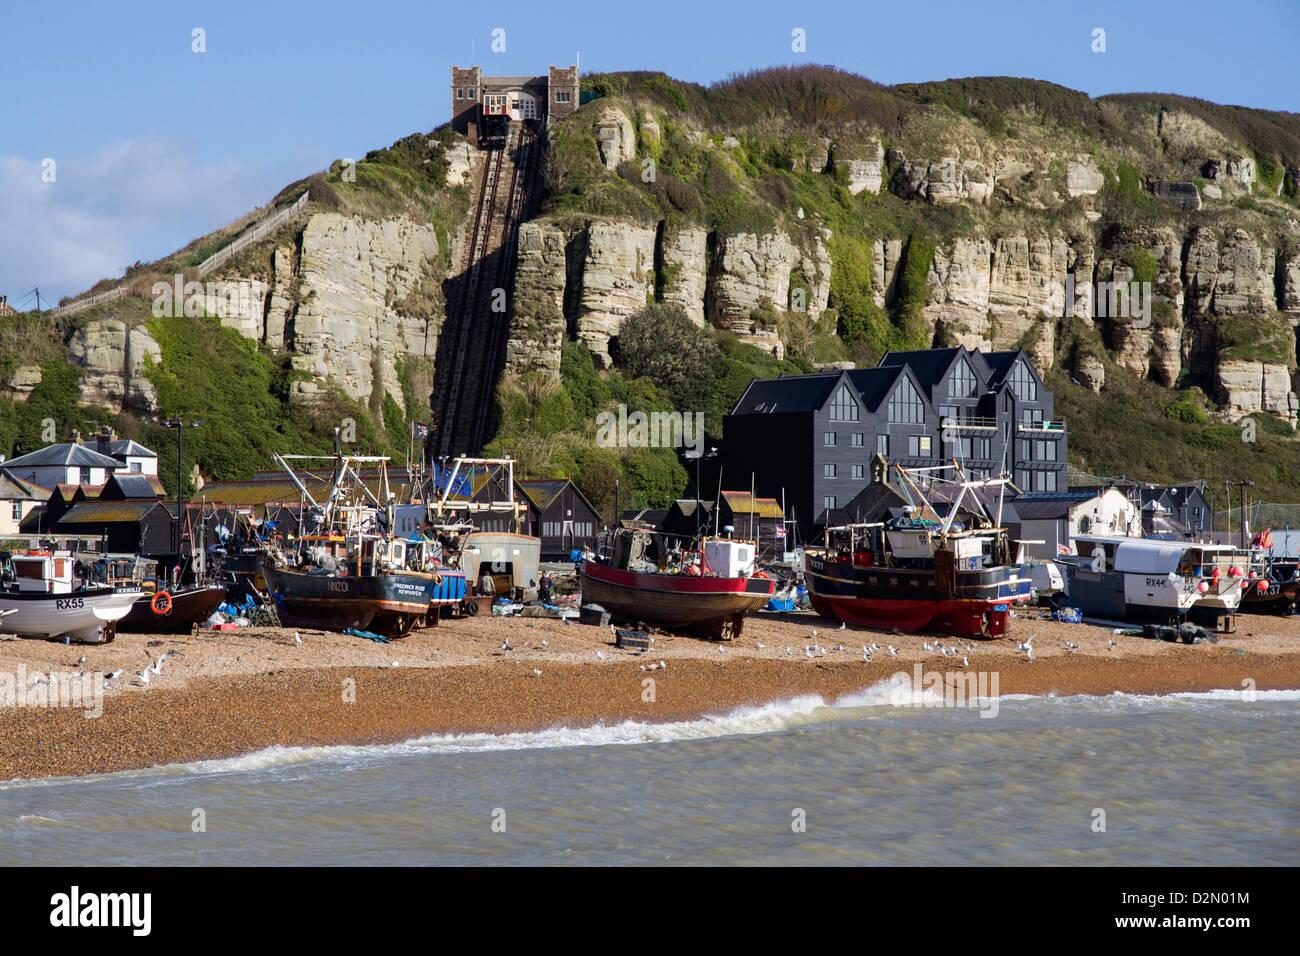 La flotte de pêche établies sur beach et East Hill lift, Hastings, Sussex, Angleterre, Royaume-Uni, Europe Photo Stock